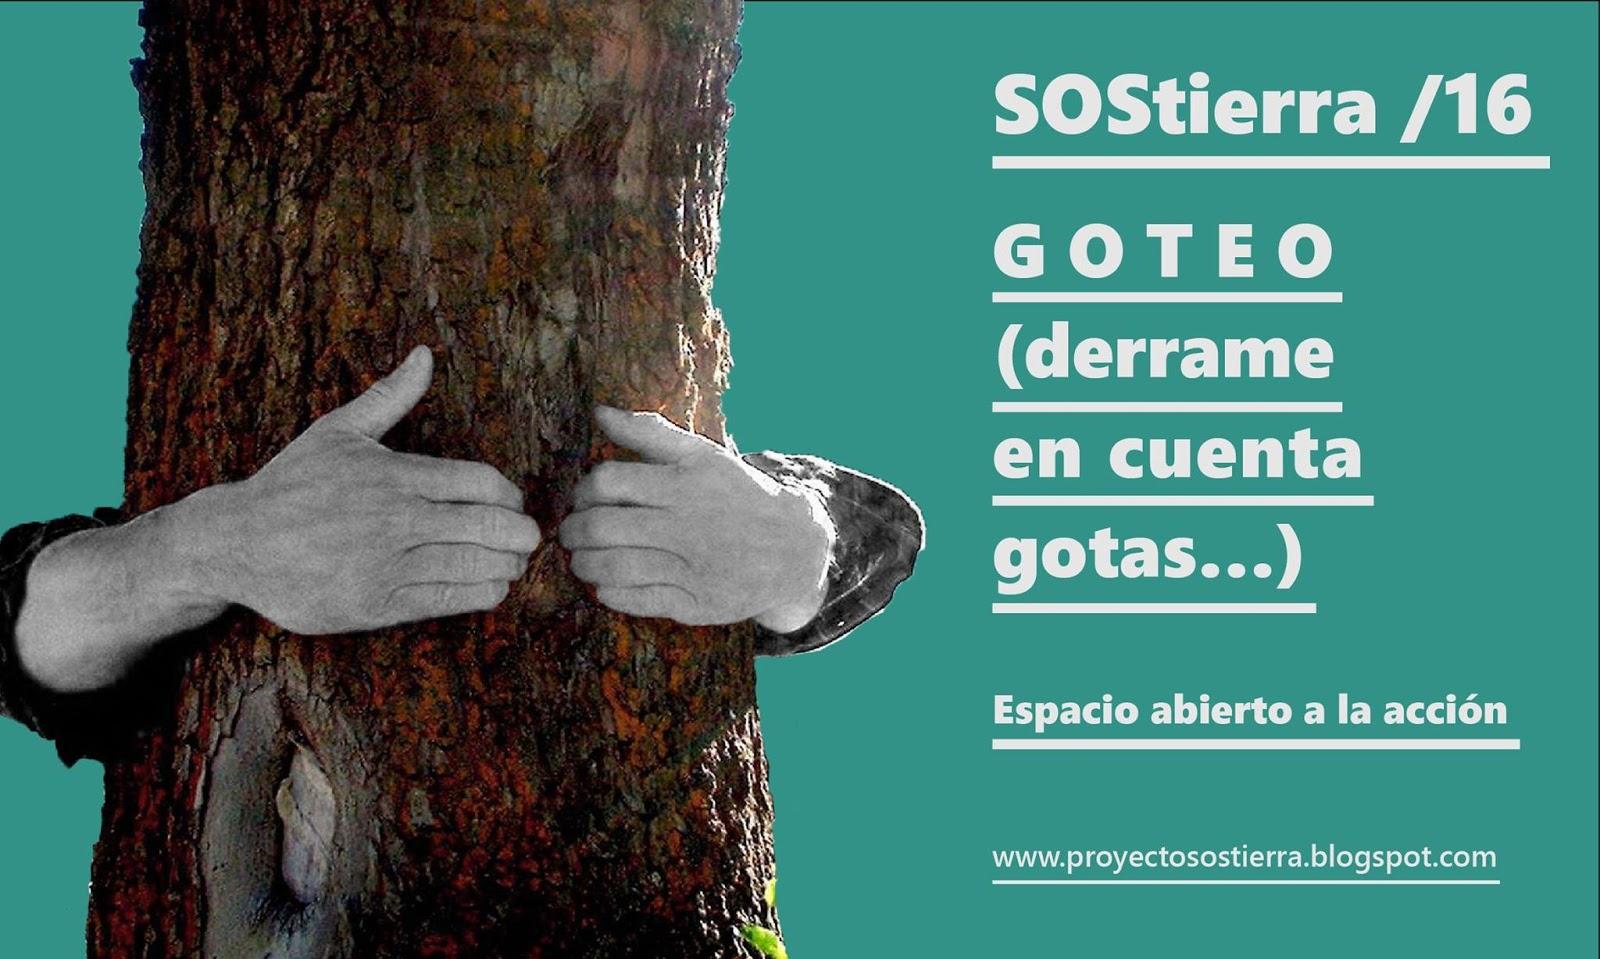 SOS Tierra 2016